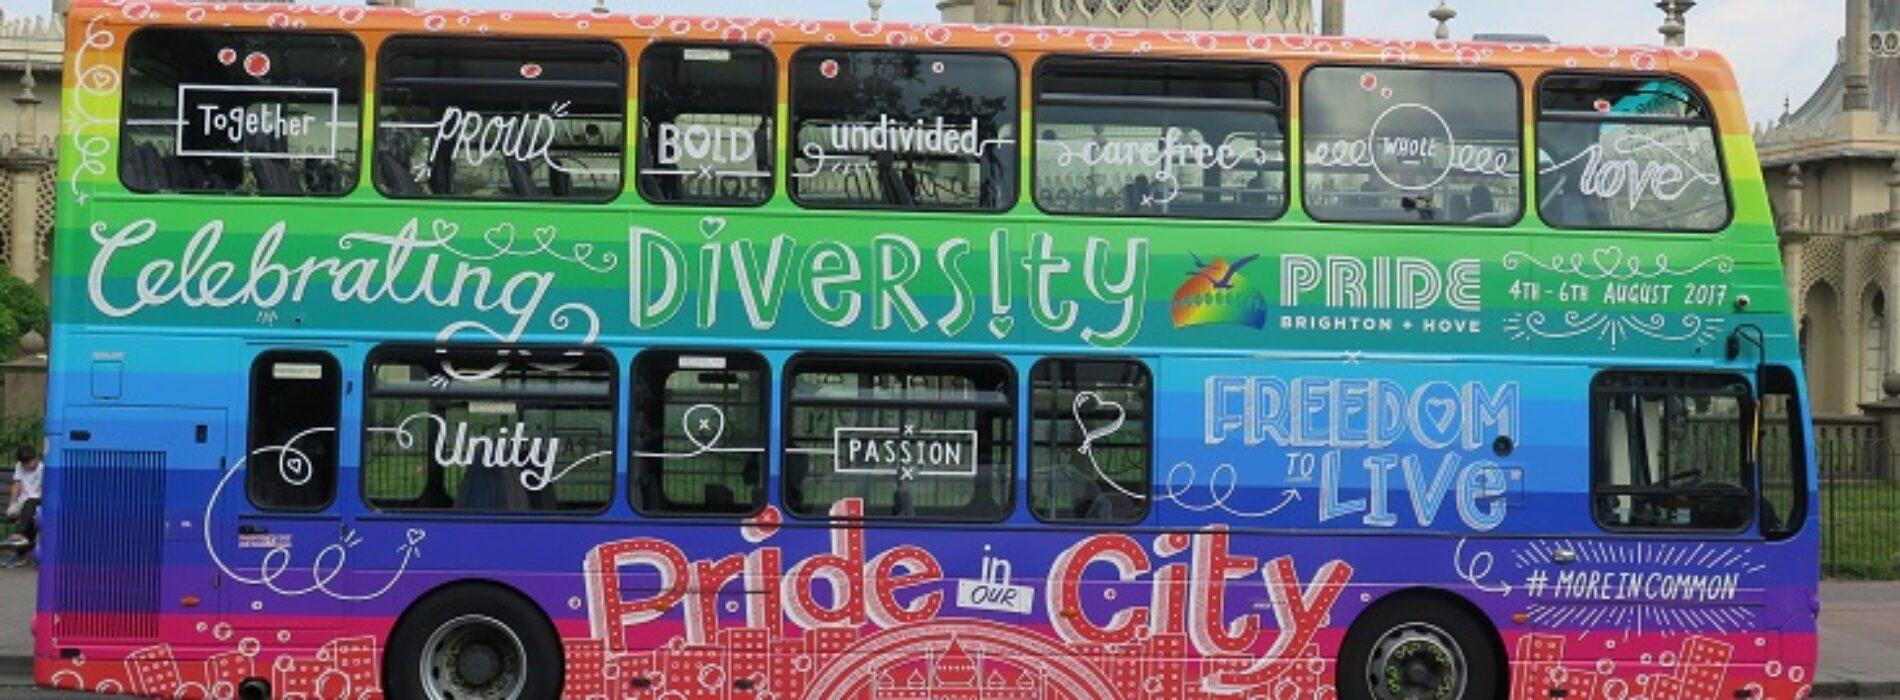 Disability Pride Brighton 2019 celebrating inclusion